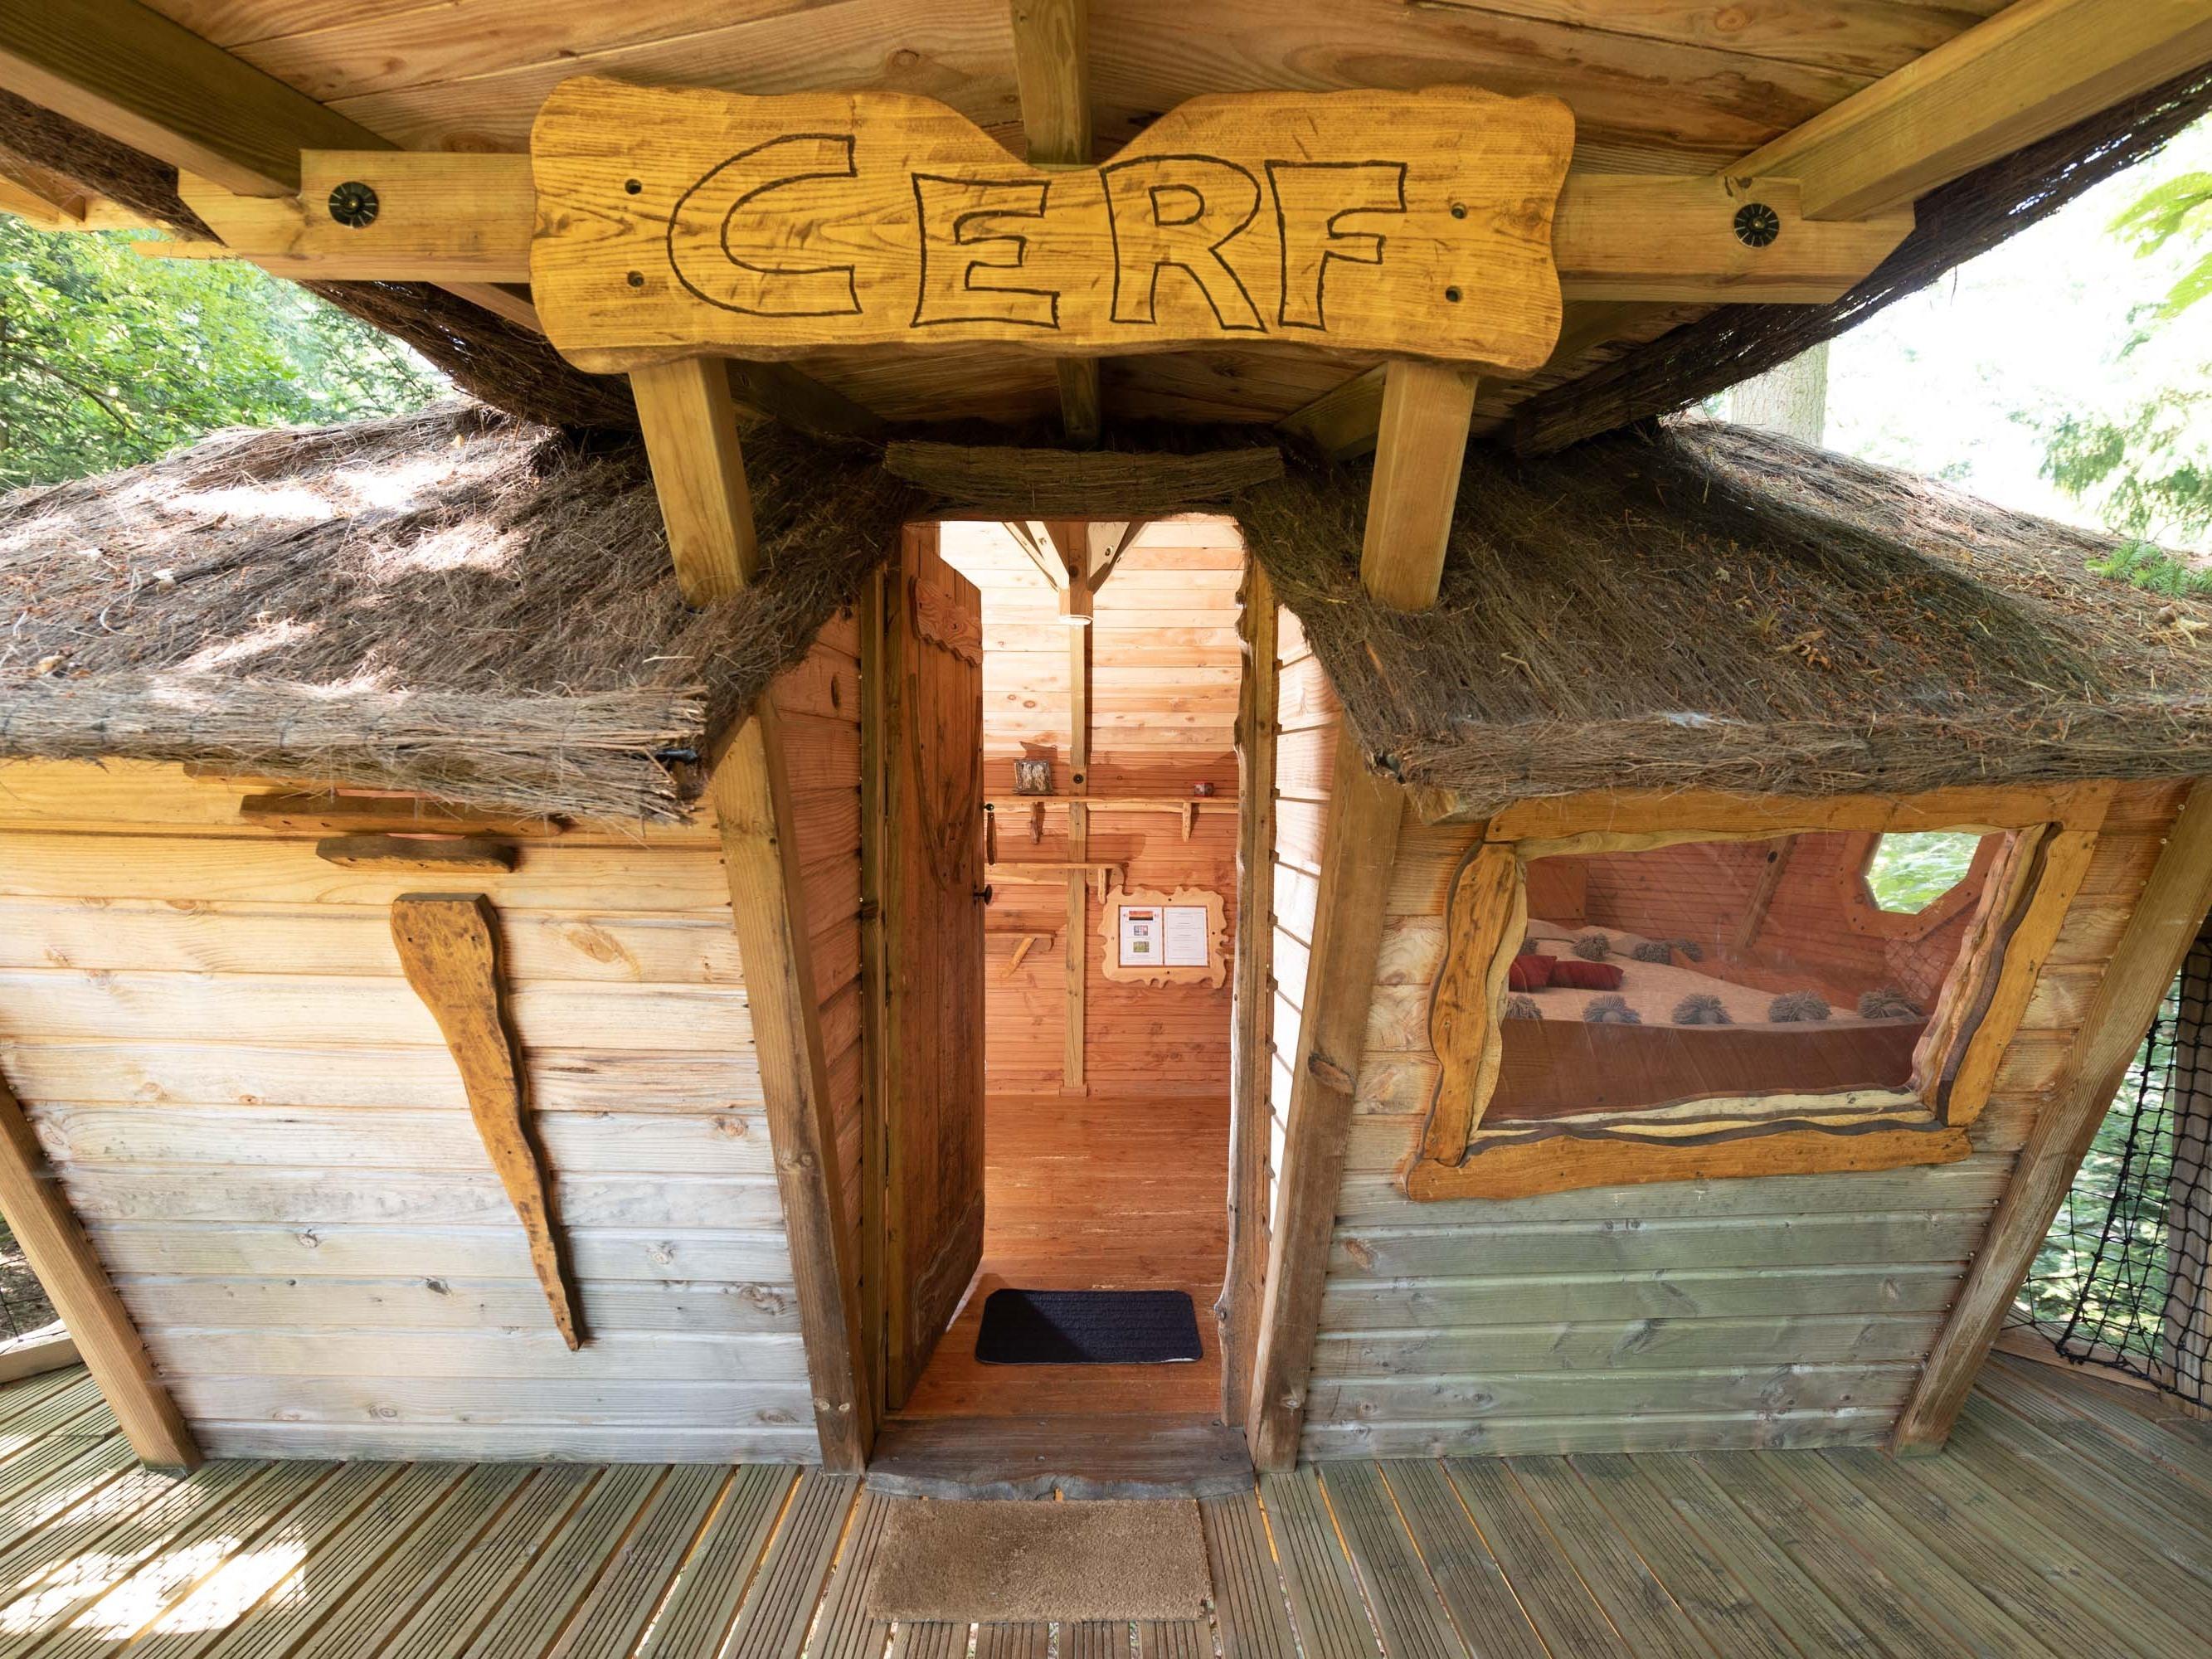 Triple-Standard-Salle de bain partagée-Terrasse-Cabane CERF Insolite